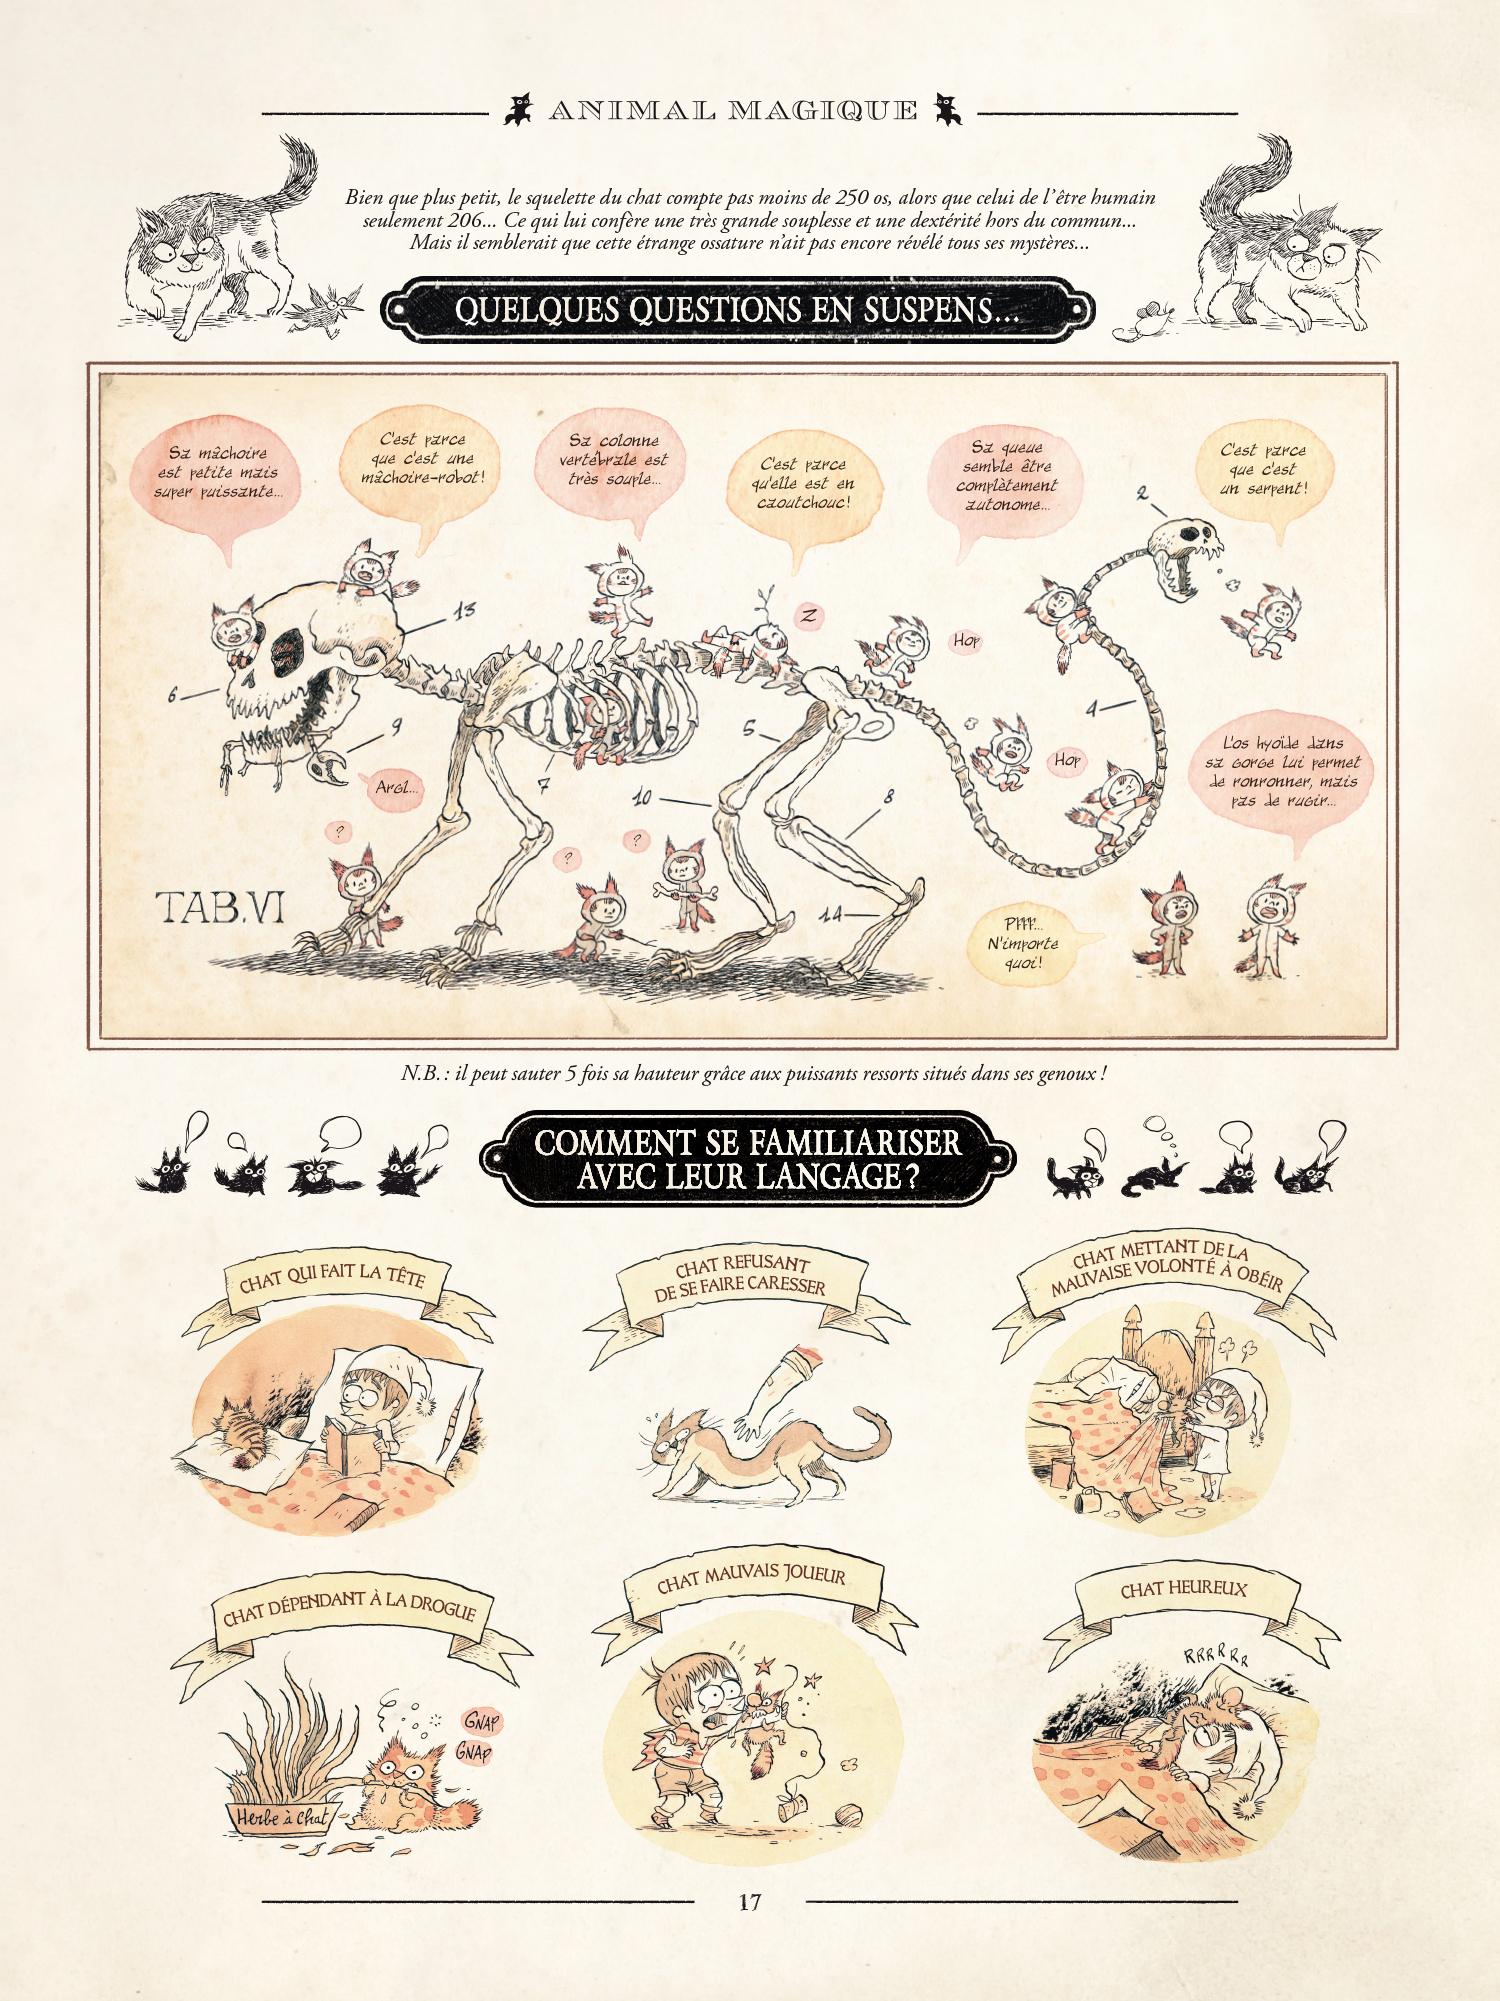 EncyclopedieCurieuseBizarreBB2-p01-64_151012.indd